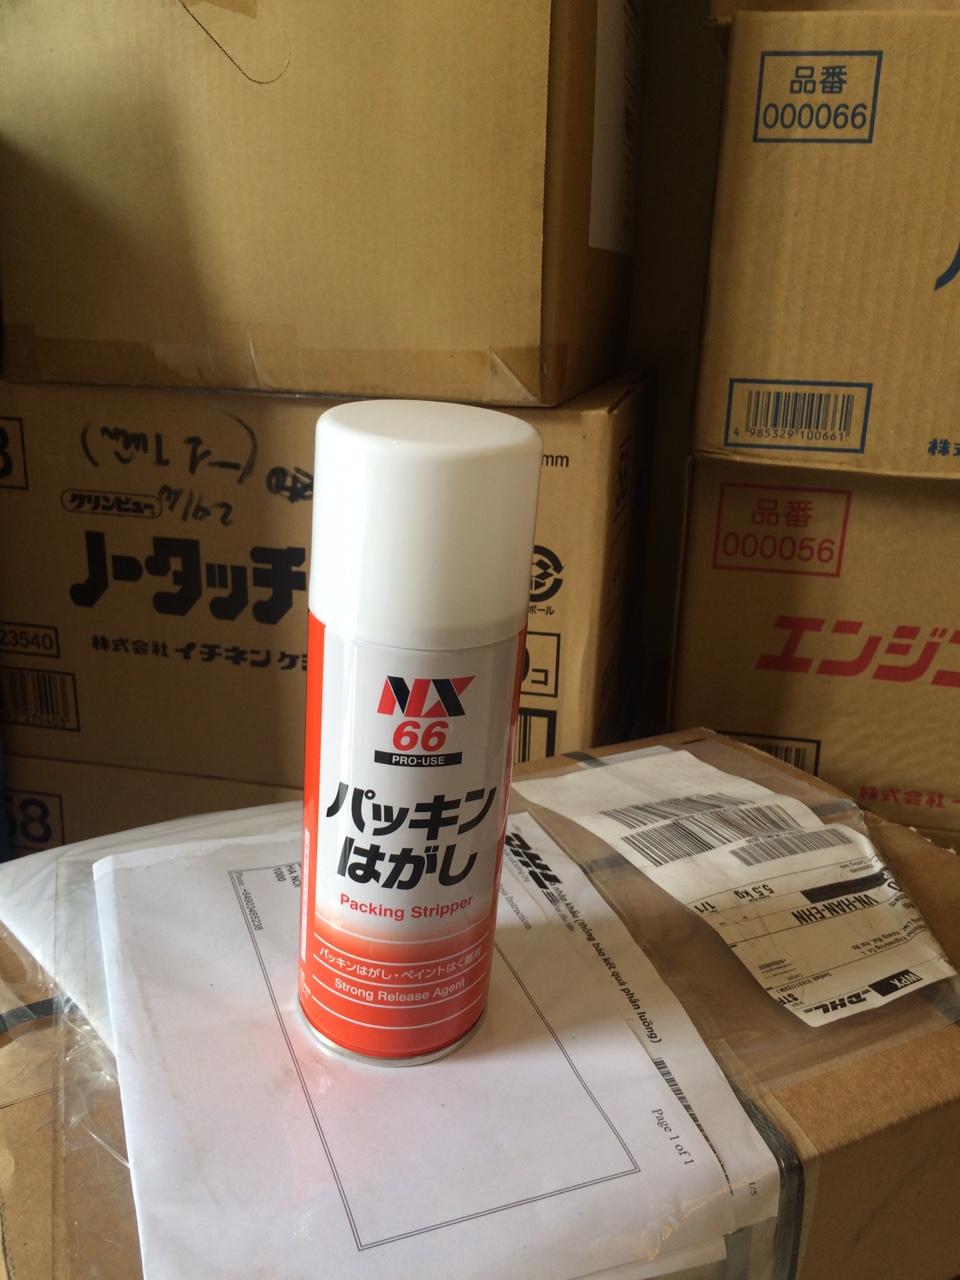 NX 66 Packing Stripper chất tách gioăng , màng sơn ,tẩy dầu cháy, tẩy keo , tẩy nhựa